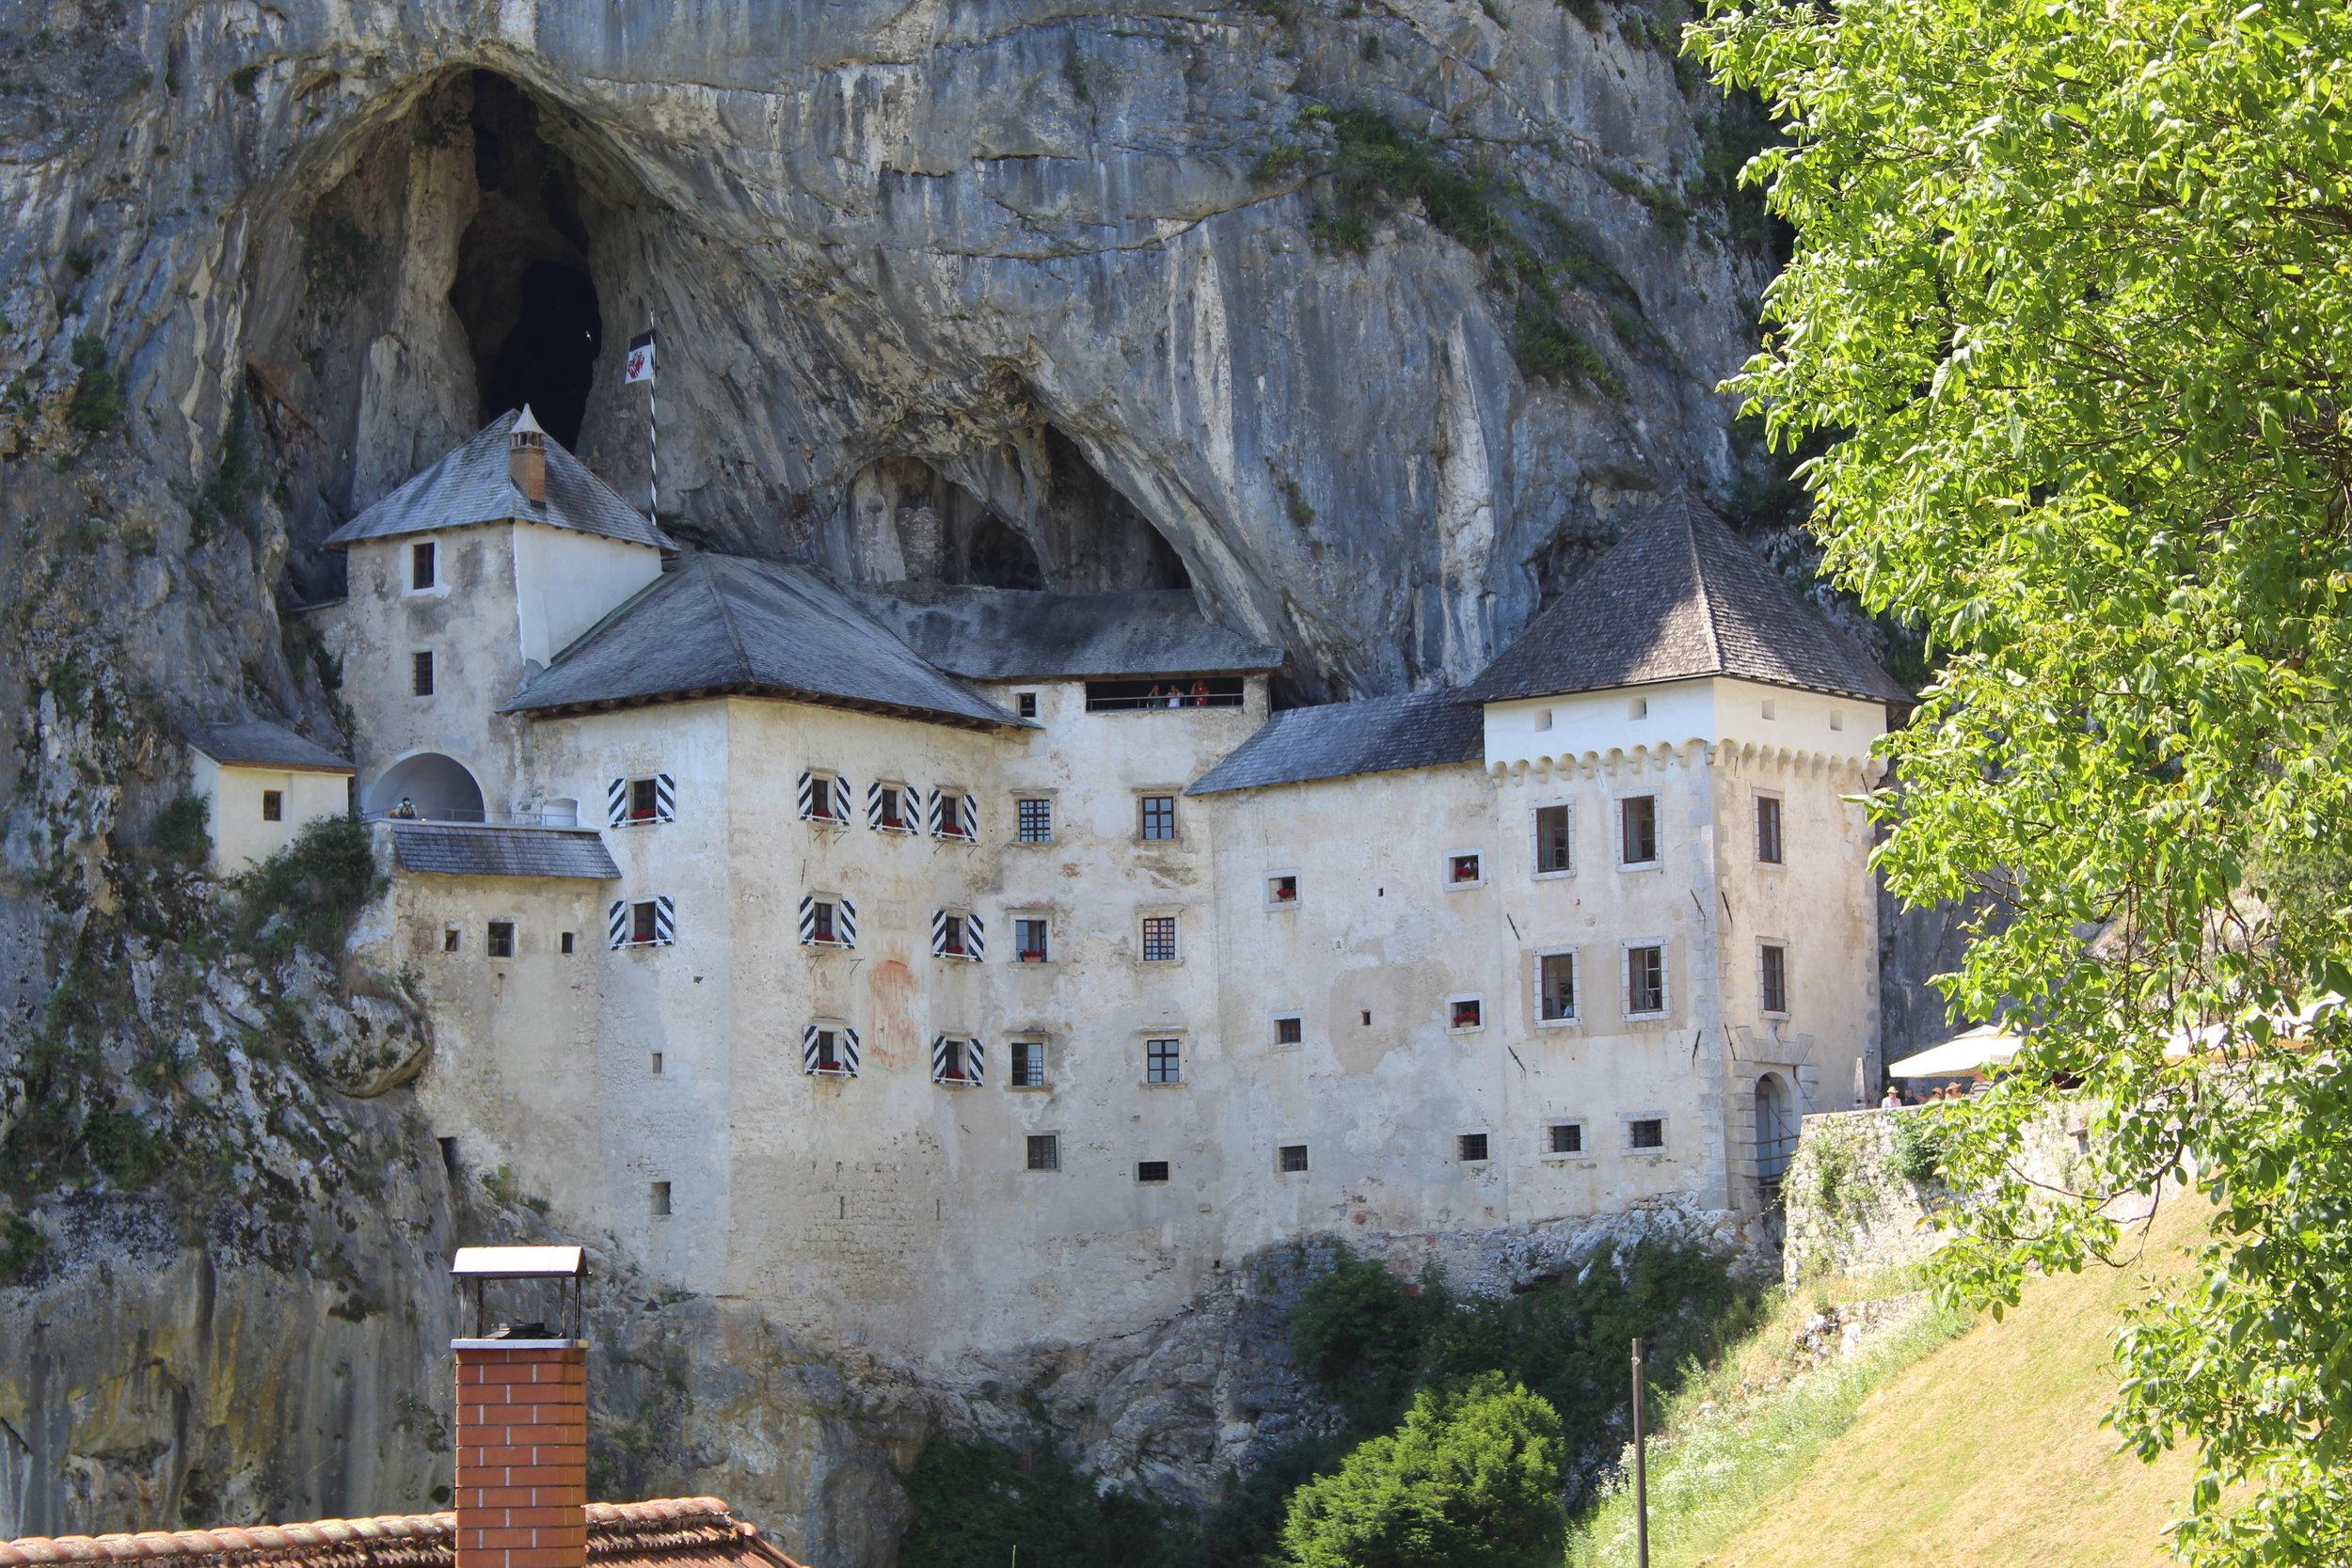 Castle in the mountain 2.JPG